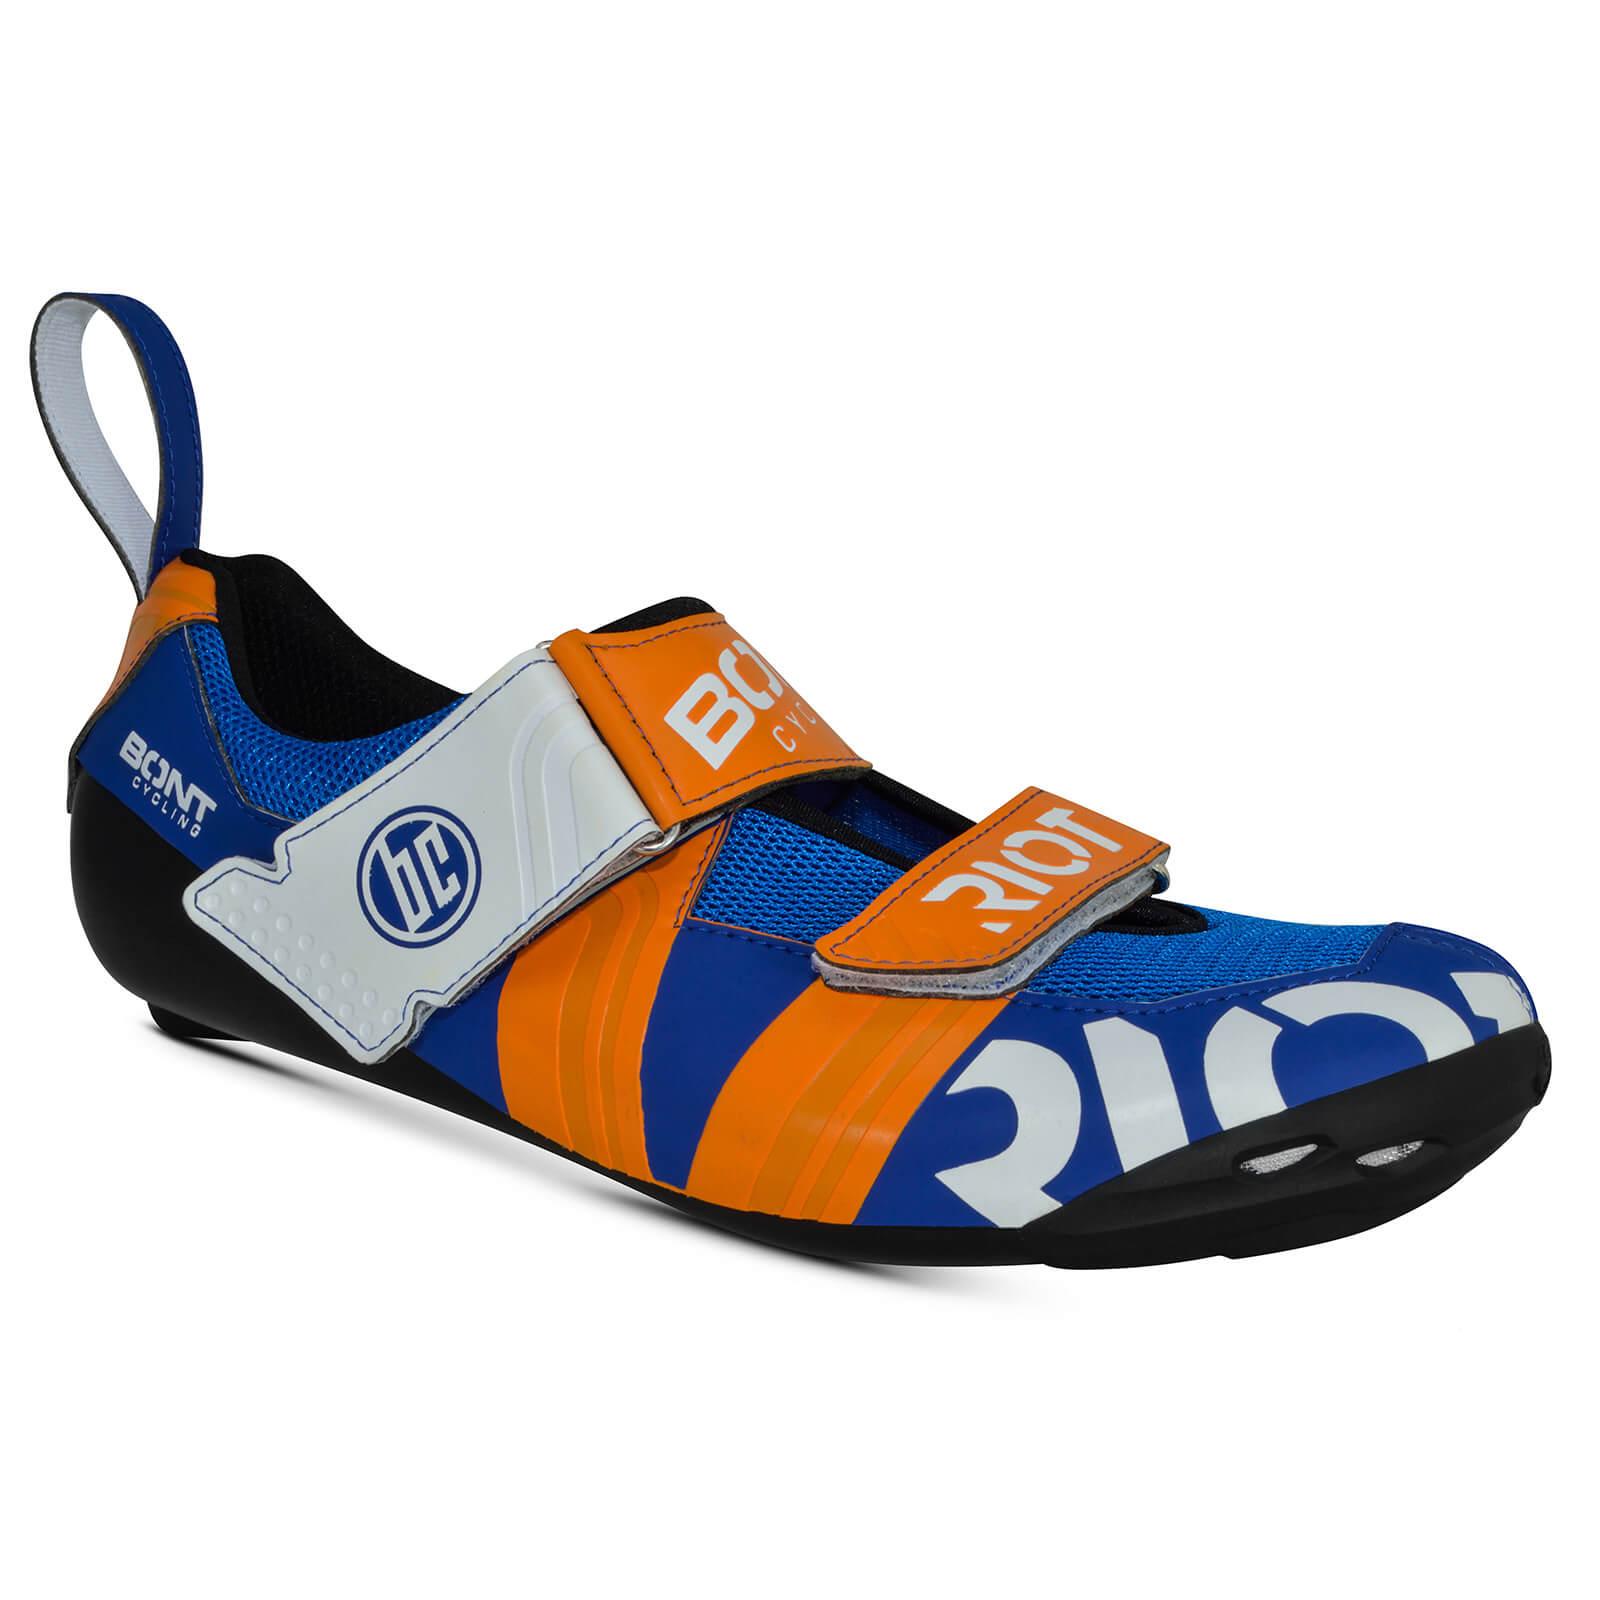 Bont Riot TR+ Road Shoes - EU 42 - Blue/Red